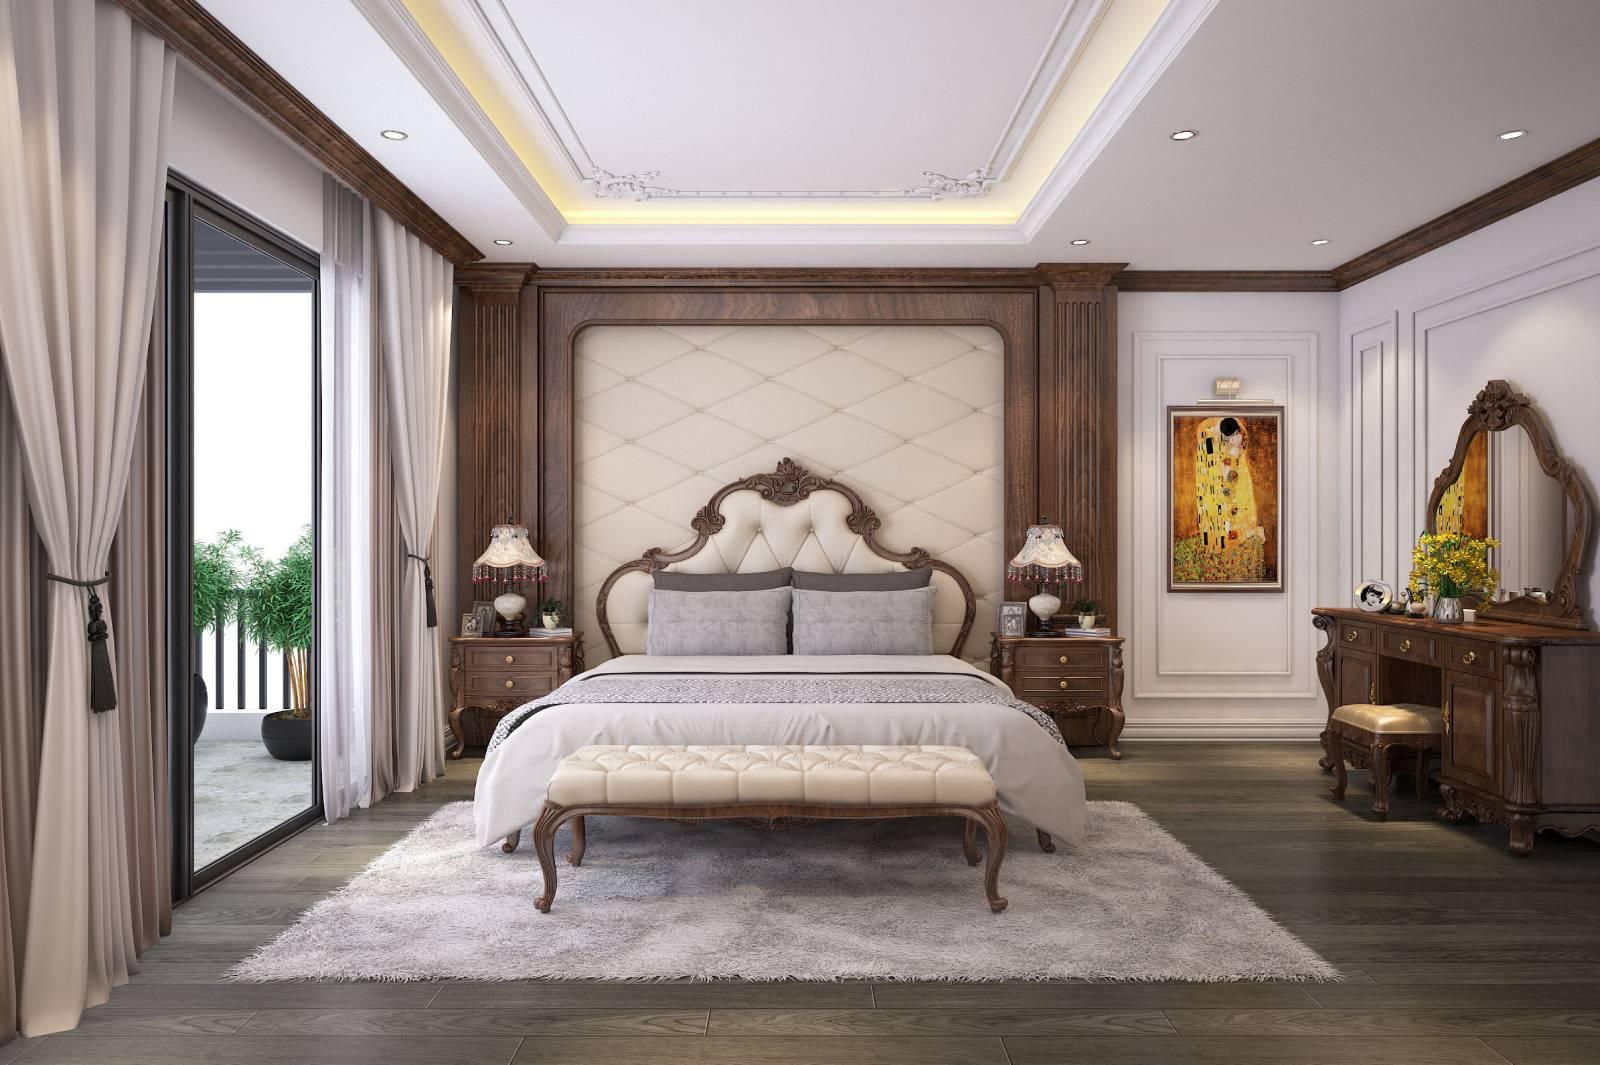 Phòng ngủ tân cổ điển tiện nghi sang trọng cần quan tâm điều gì